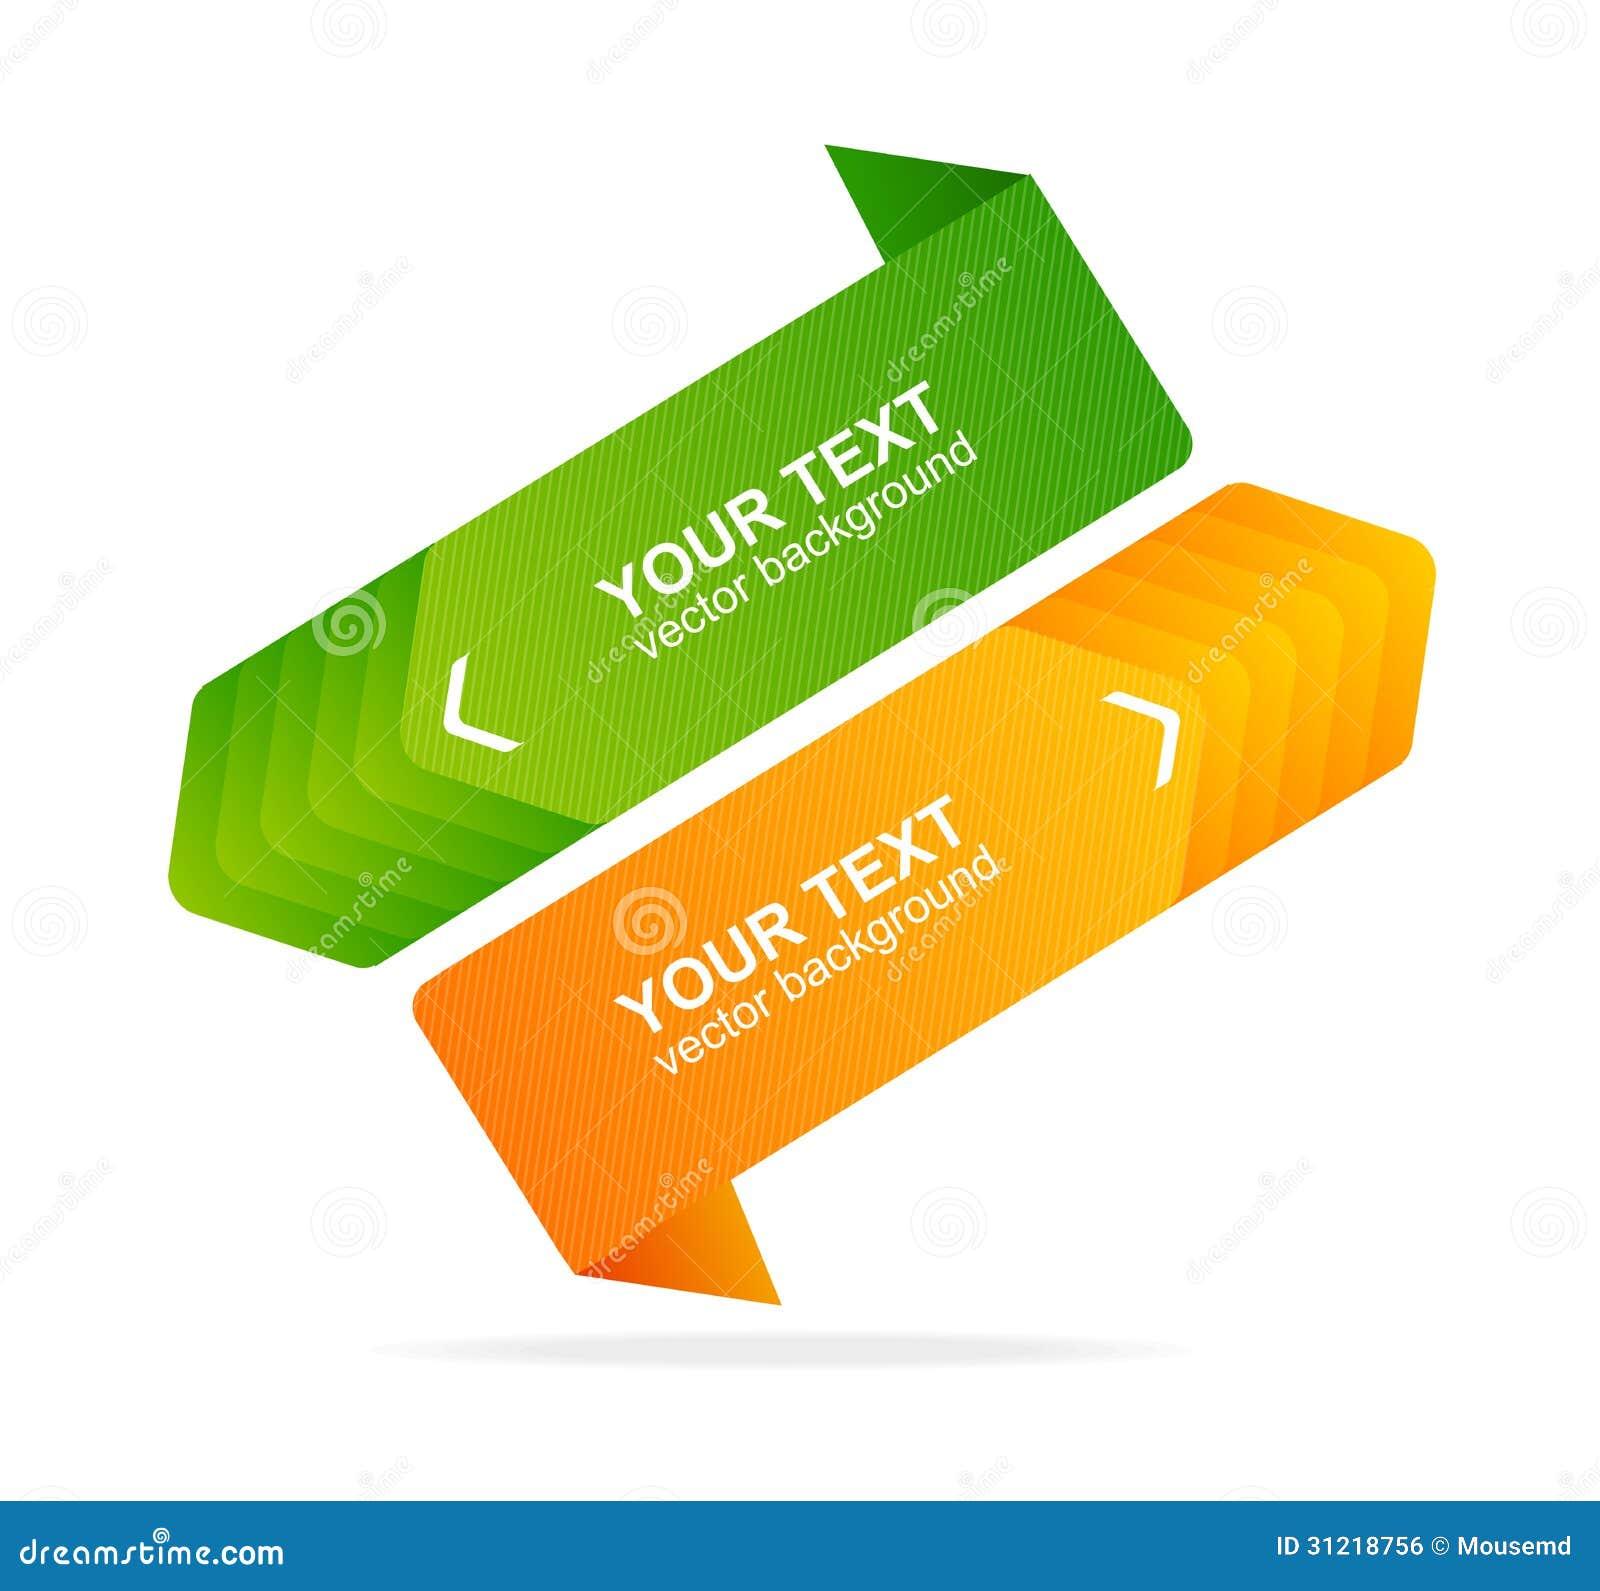 Vector Speech Templates For Text Orange, Green Stock Vector ...